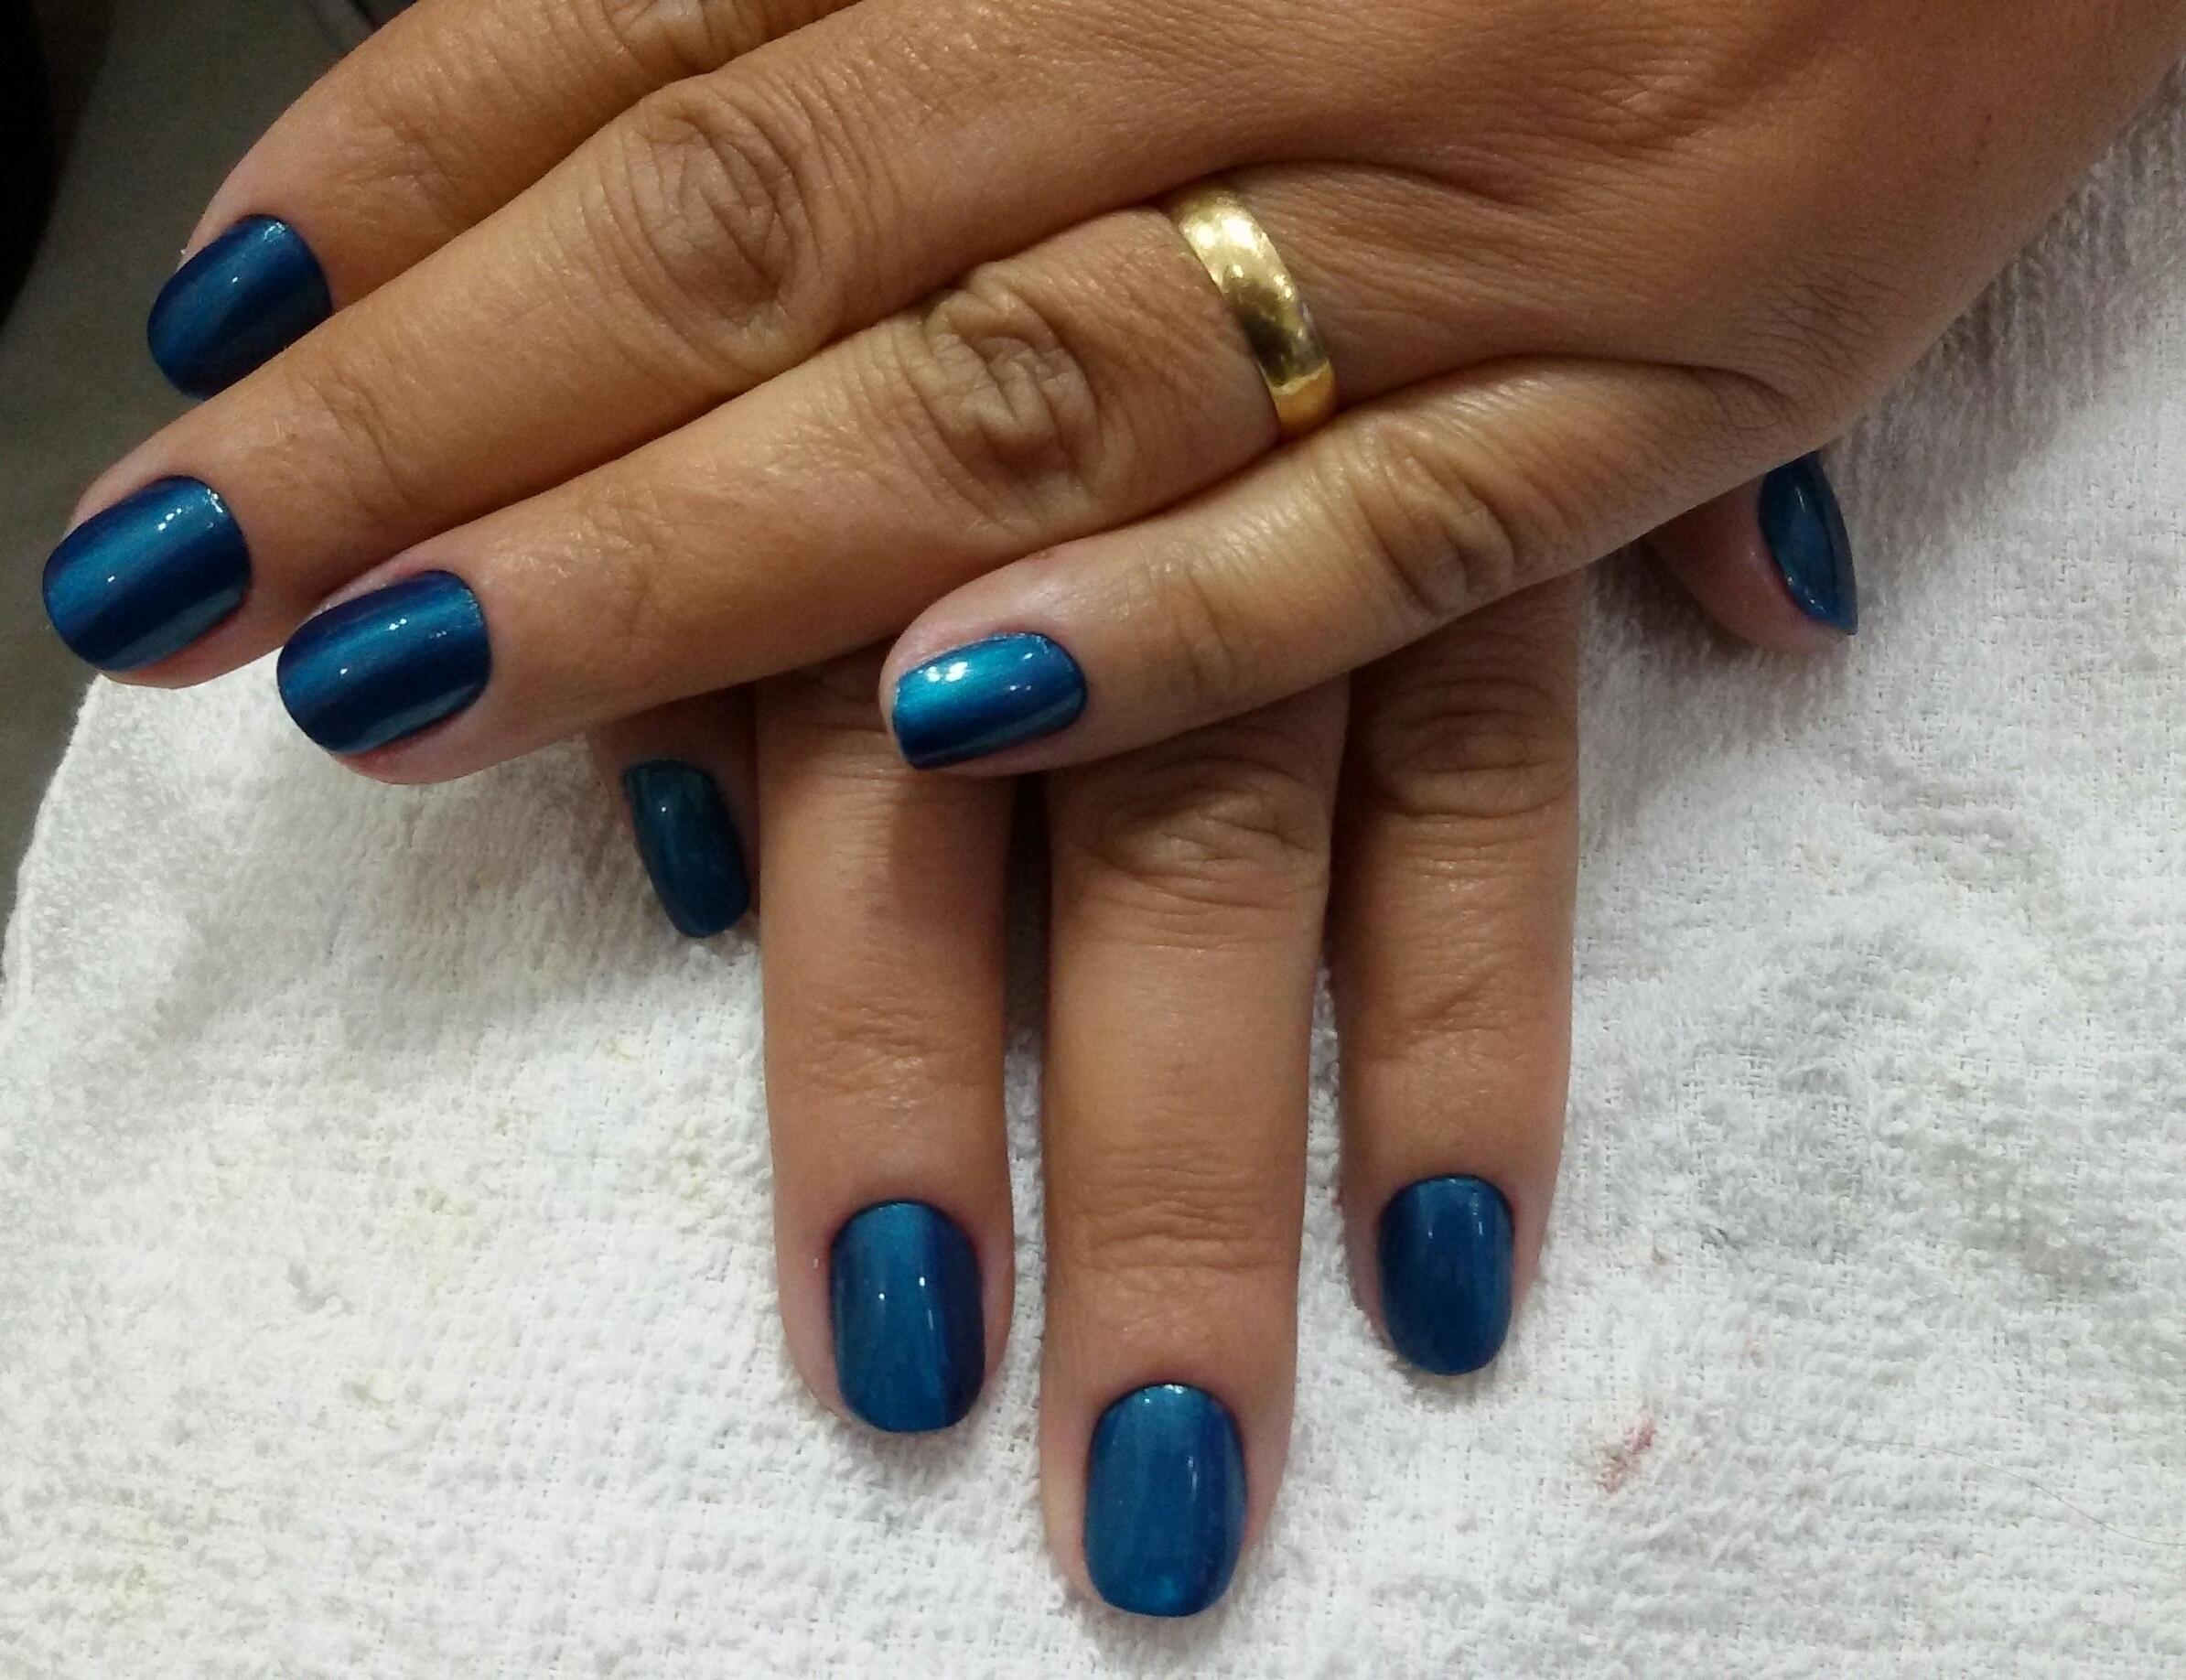 #unhas #amounhas #azul #nailsblue #nails #lovenails unha maquiador(a) esteticista manicure e pedicure designer de sobrancelhas